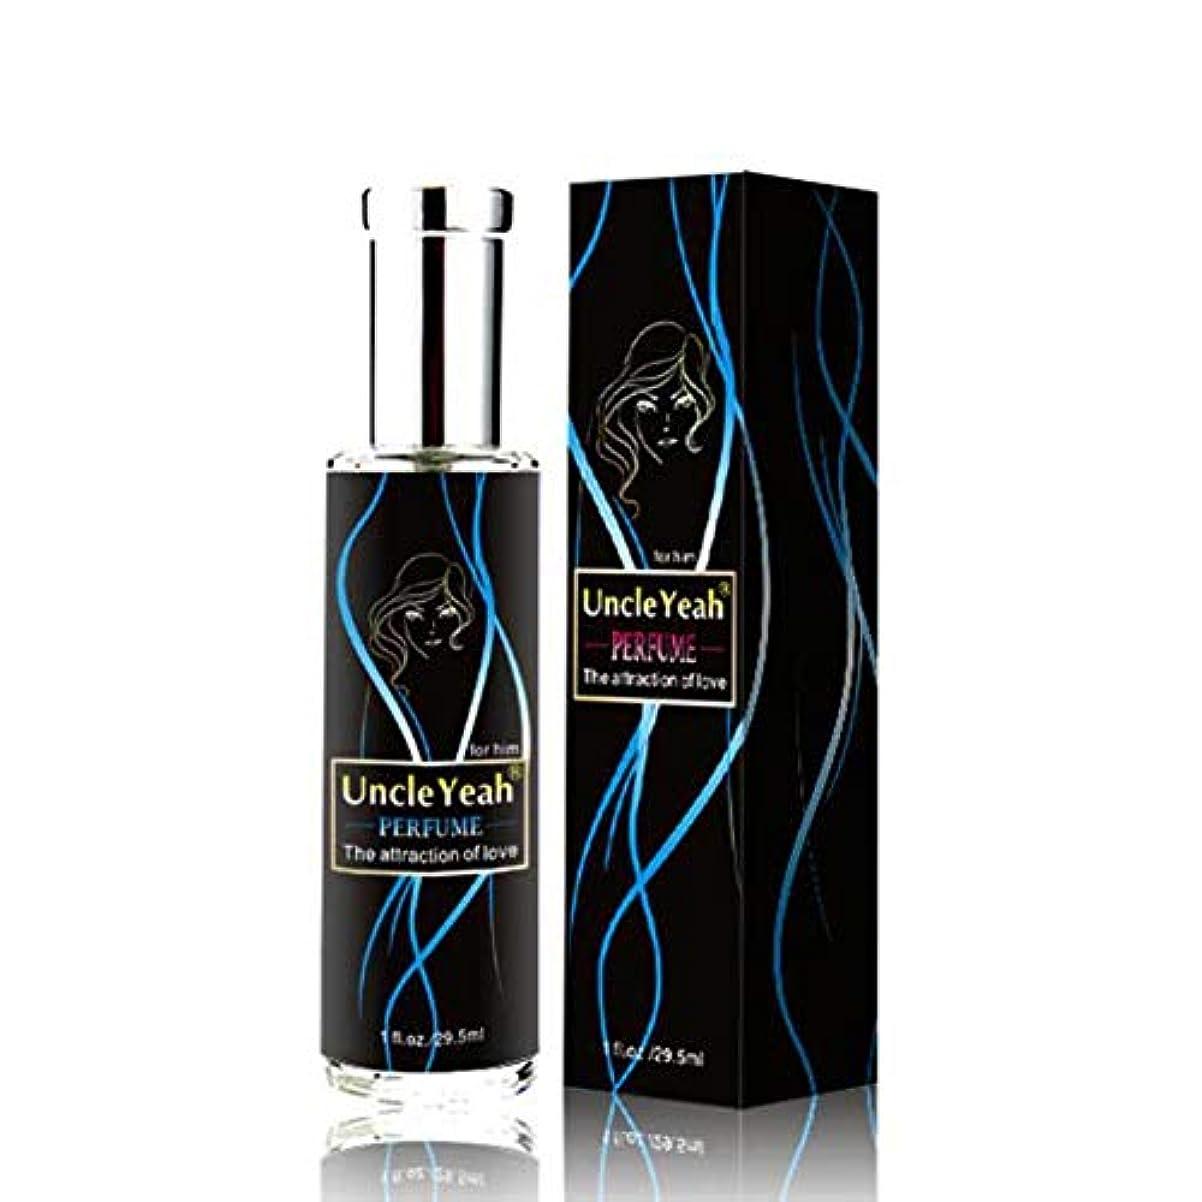 評論家入口恒久的Moresave 男性用フェロモン香水 魅力をアップ 女性にもてる